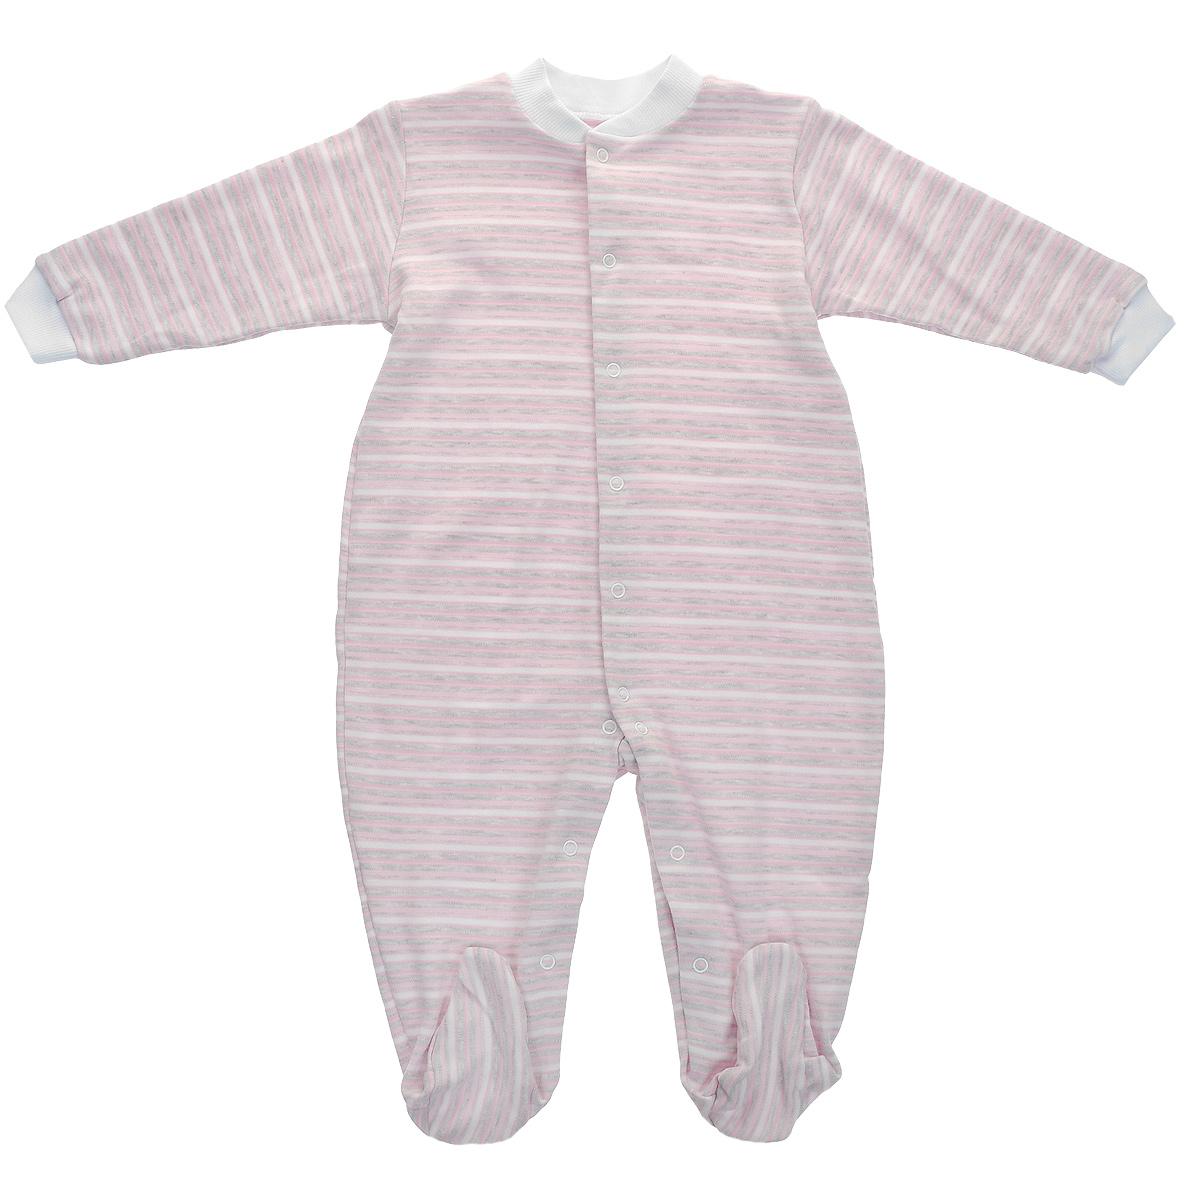 Комбинезон детский Фреш Стайл, цвет: розовый, светло-серый, белый. 39-526. Размер 74, 9 месяцев